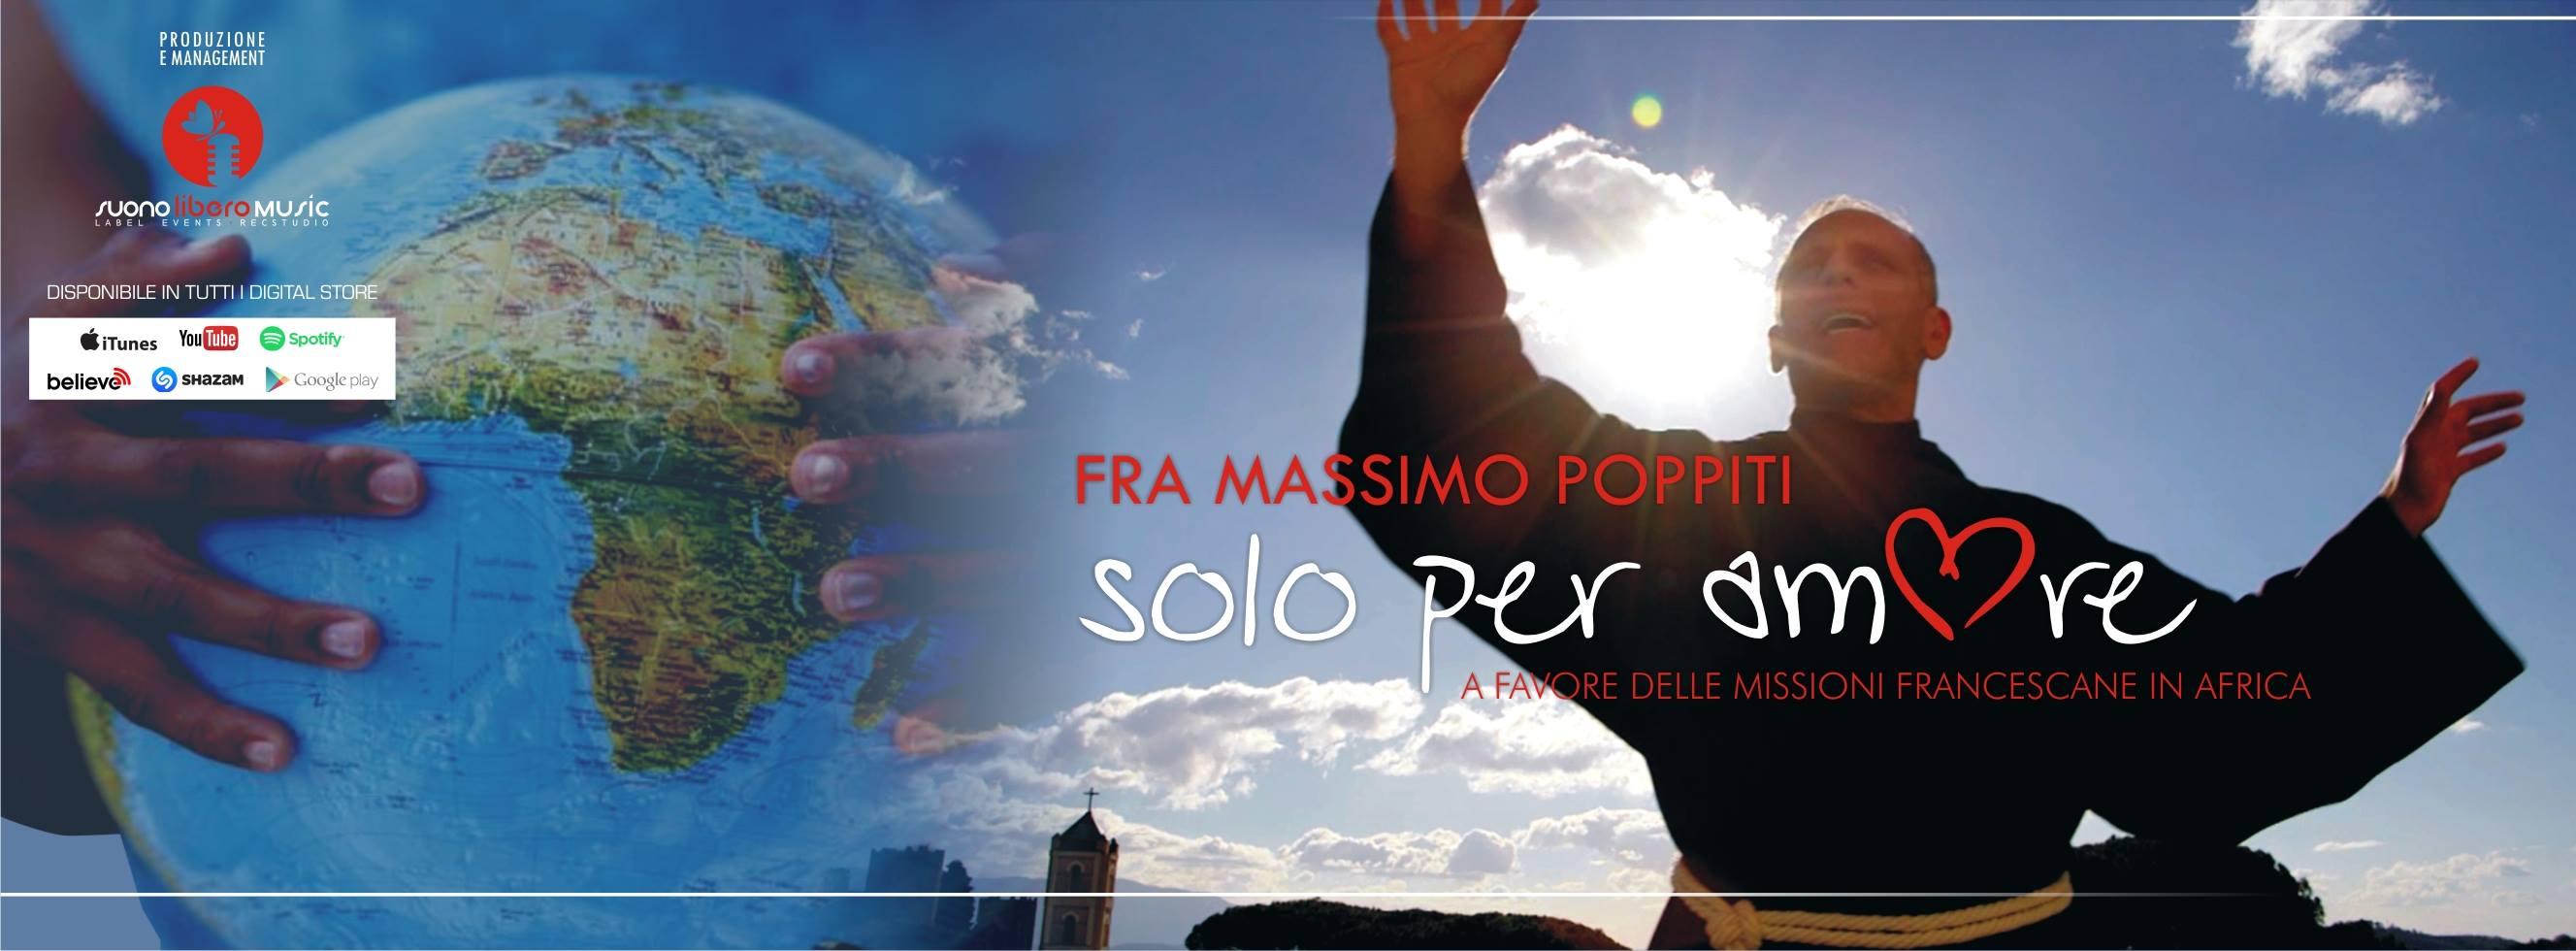 """Il 24 dicembre è uscito il nuovo singolo di fra Massimo Poppiti, dal titolo """"Solo per amore"""", una canzone che celebra l'amore universale e la gioia di vivere: i proventi […]"""